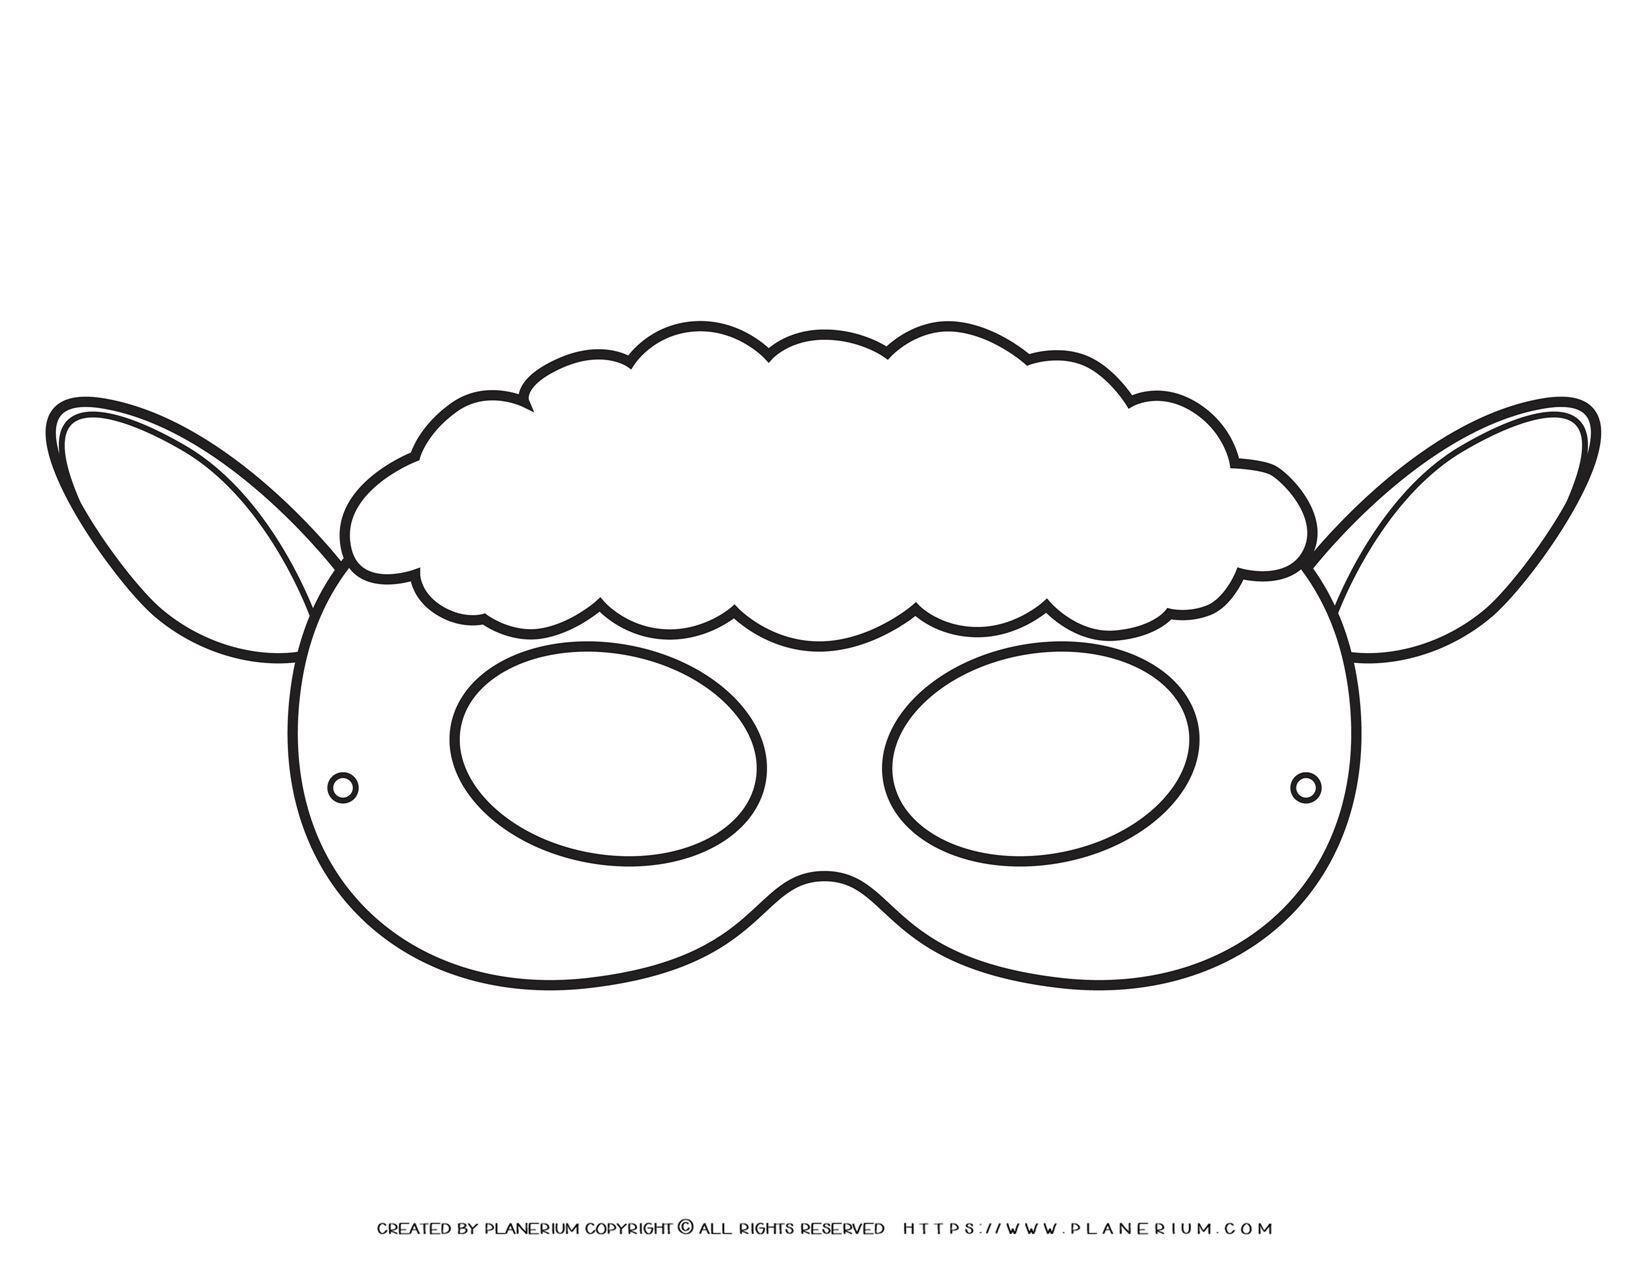 Animal Masks - Sheep Eye Mask | Planerium